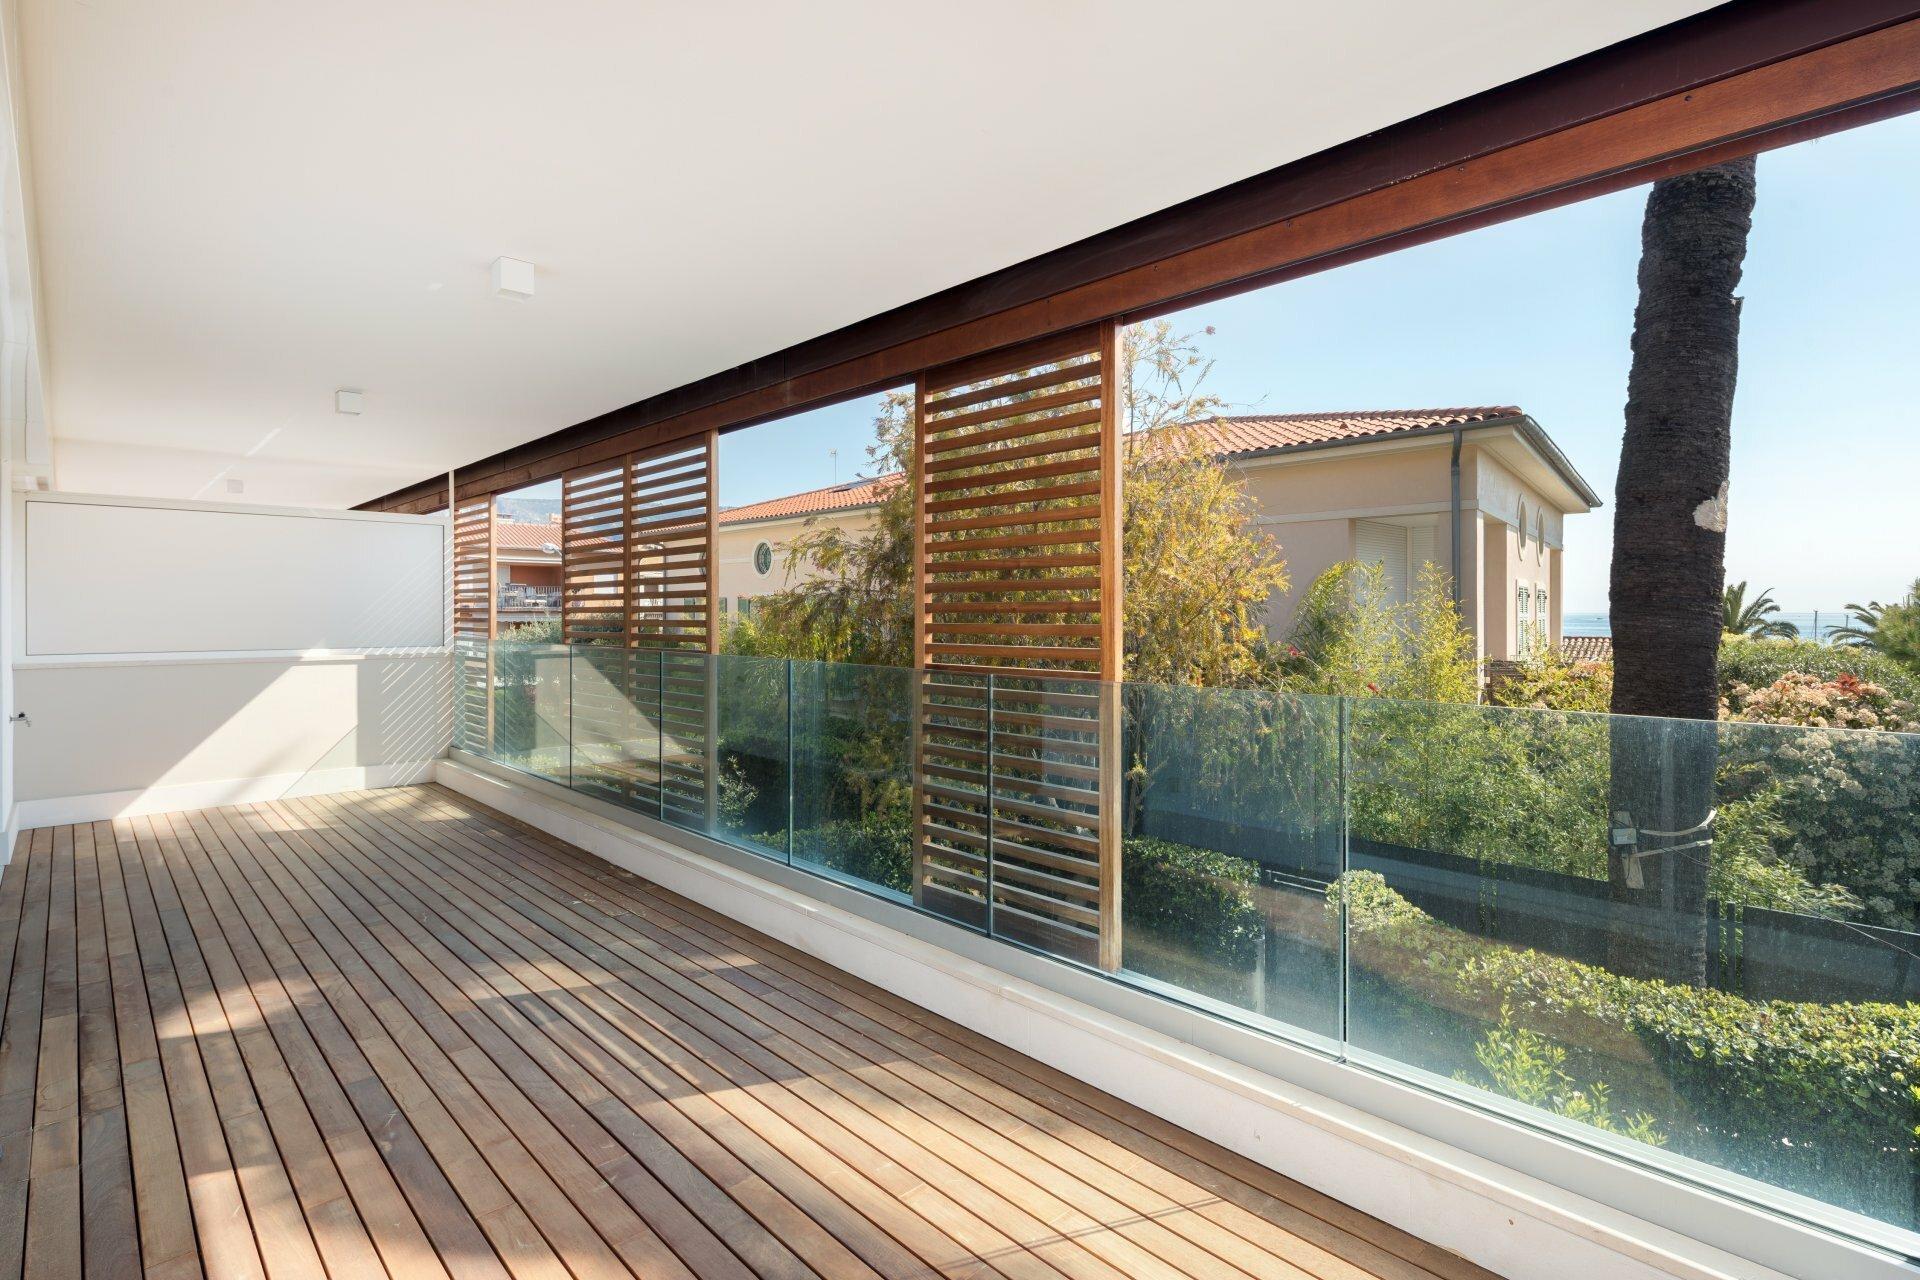 Apartment in Saint-Jean-Cap-Ferrat, Provence-Alpes-Côte d'Azur, France 1 - 11336287